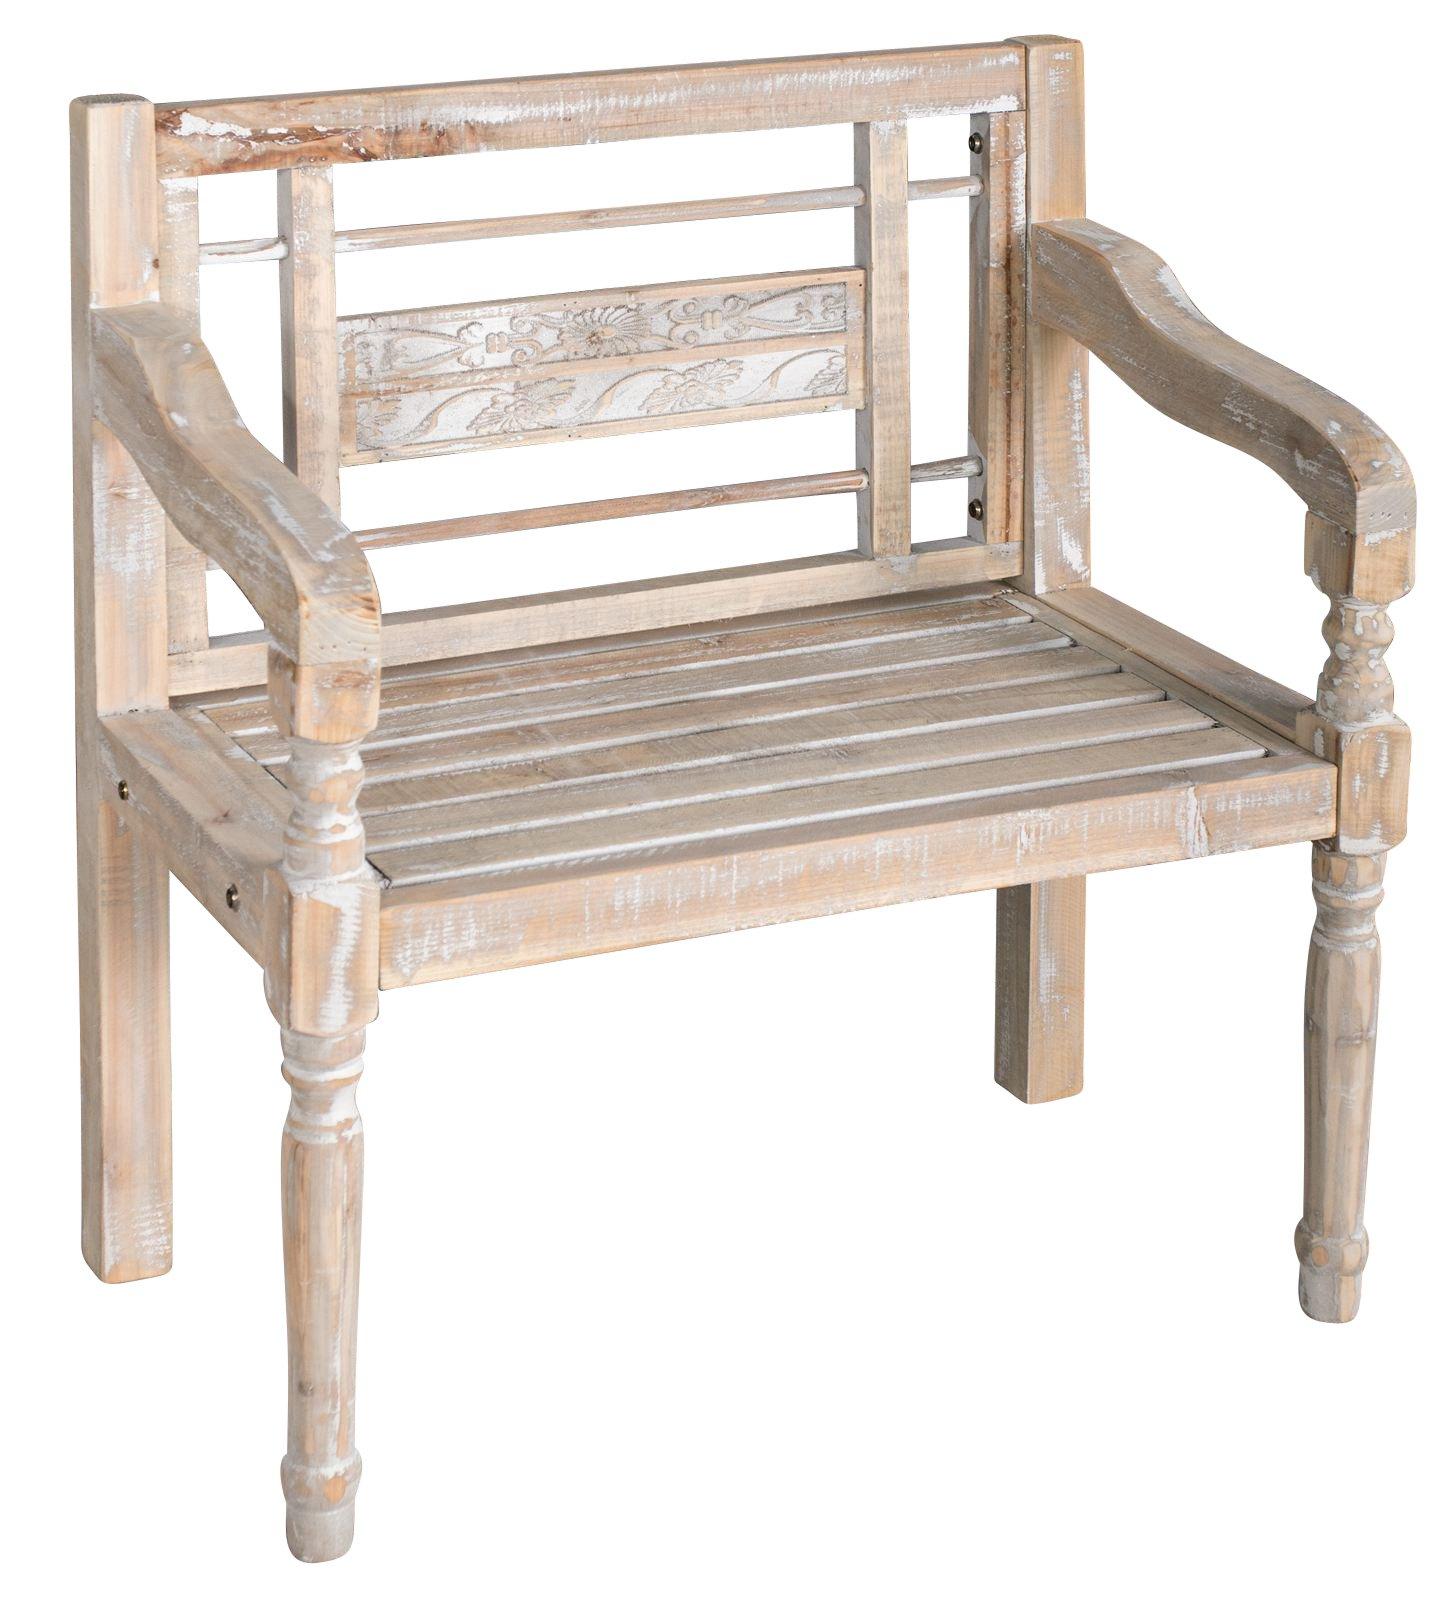 elbmöbel - Banco de madera con respaldo para jardín, color blanco: Amazon.es: Hogar